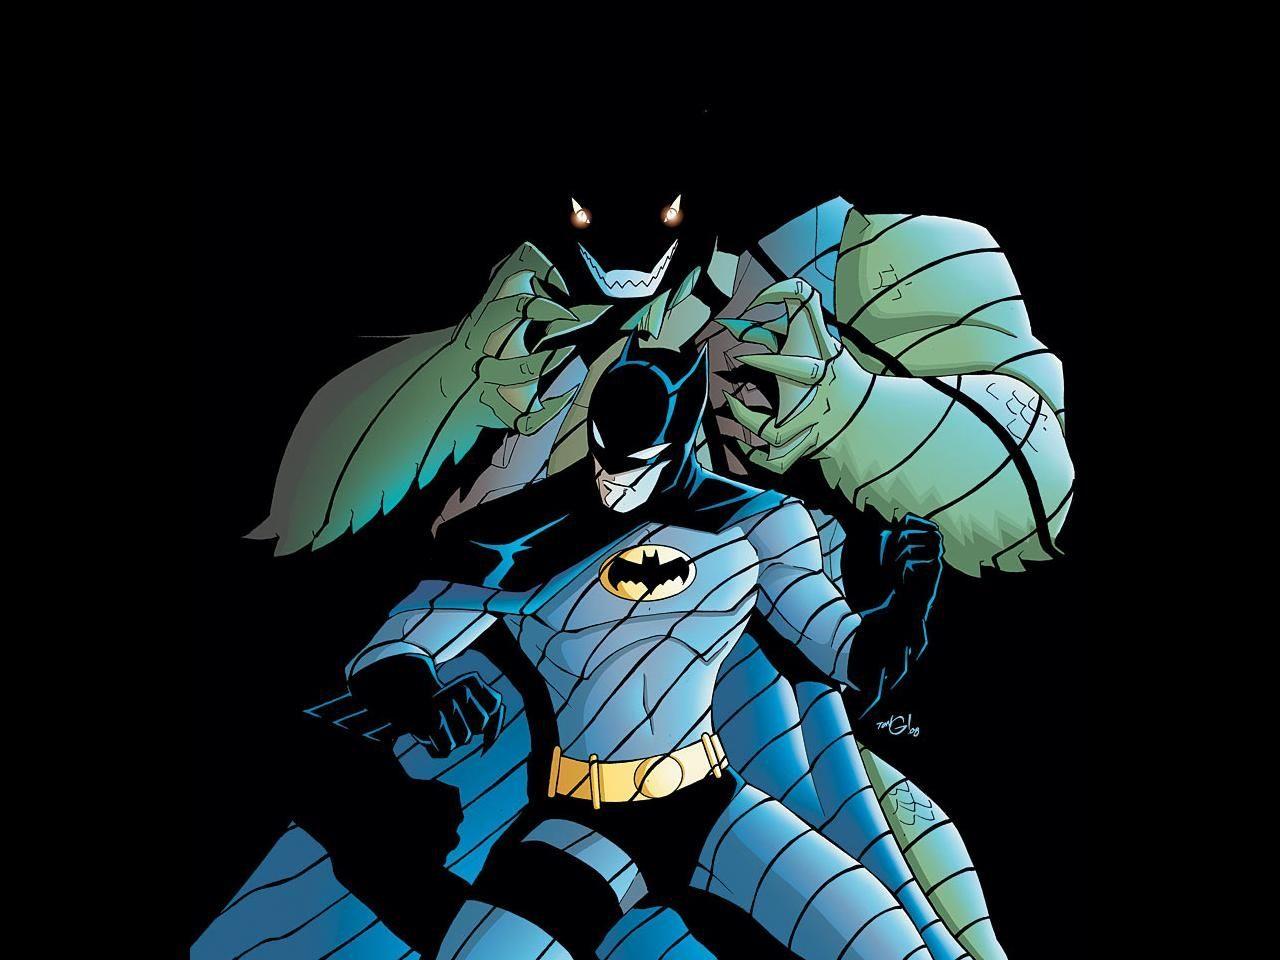 Batman peleando :: Imágenes y fotos